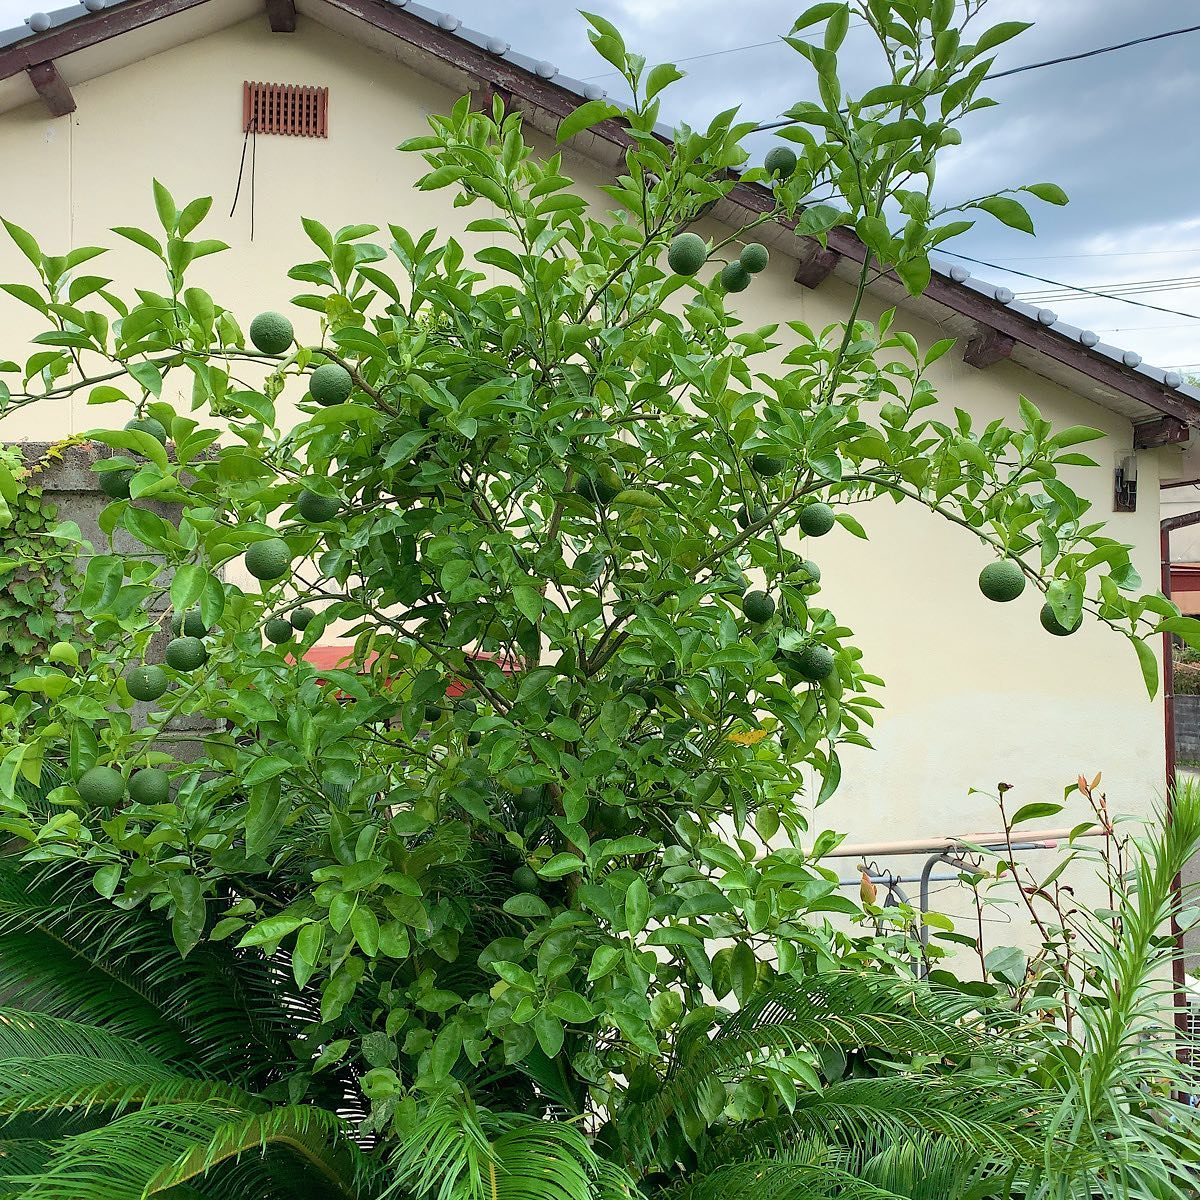 このまま実が色づいたらクリスマスツリーのようになるのでは?#カボス #ウチの庭